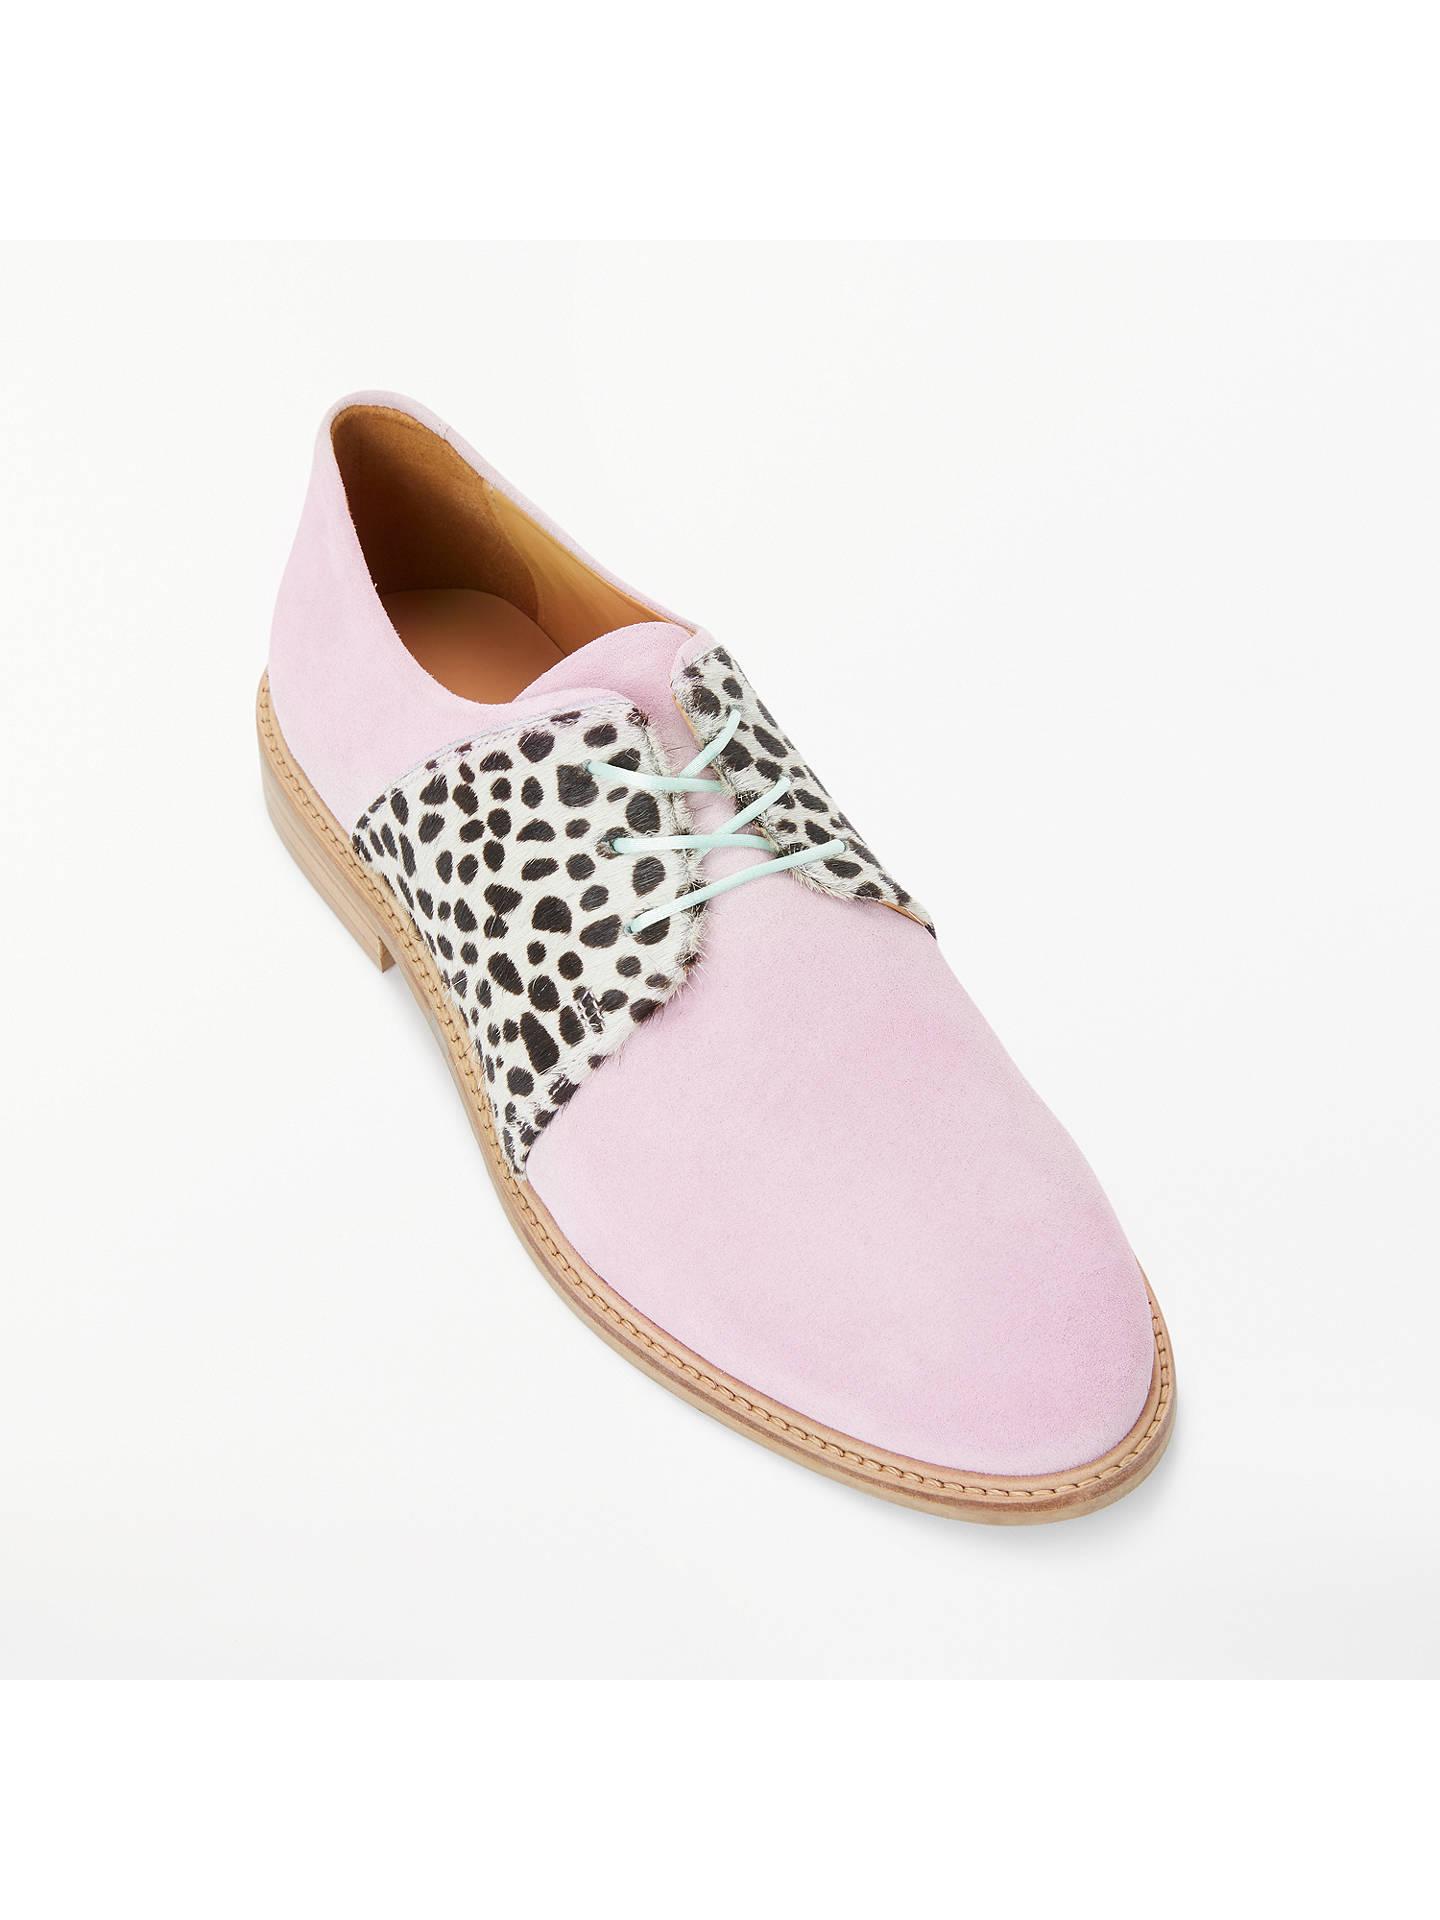 Rogue Matilda Bonbon Brogues, Light Pink at John Lewis & Partners